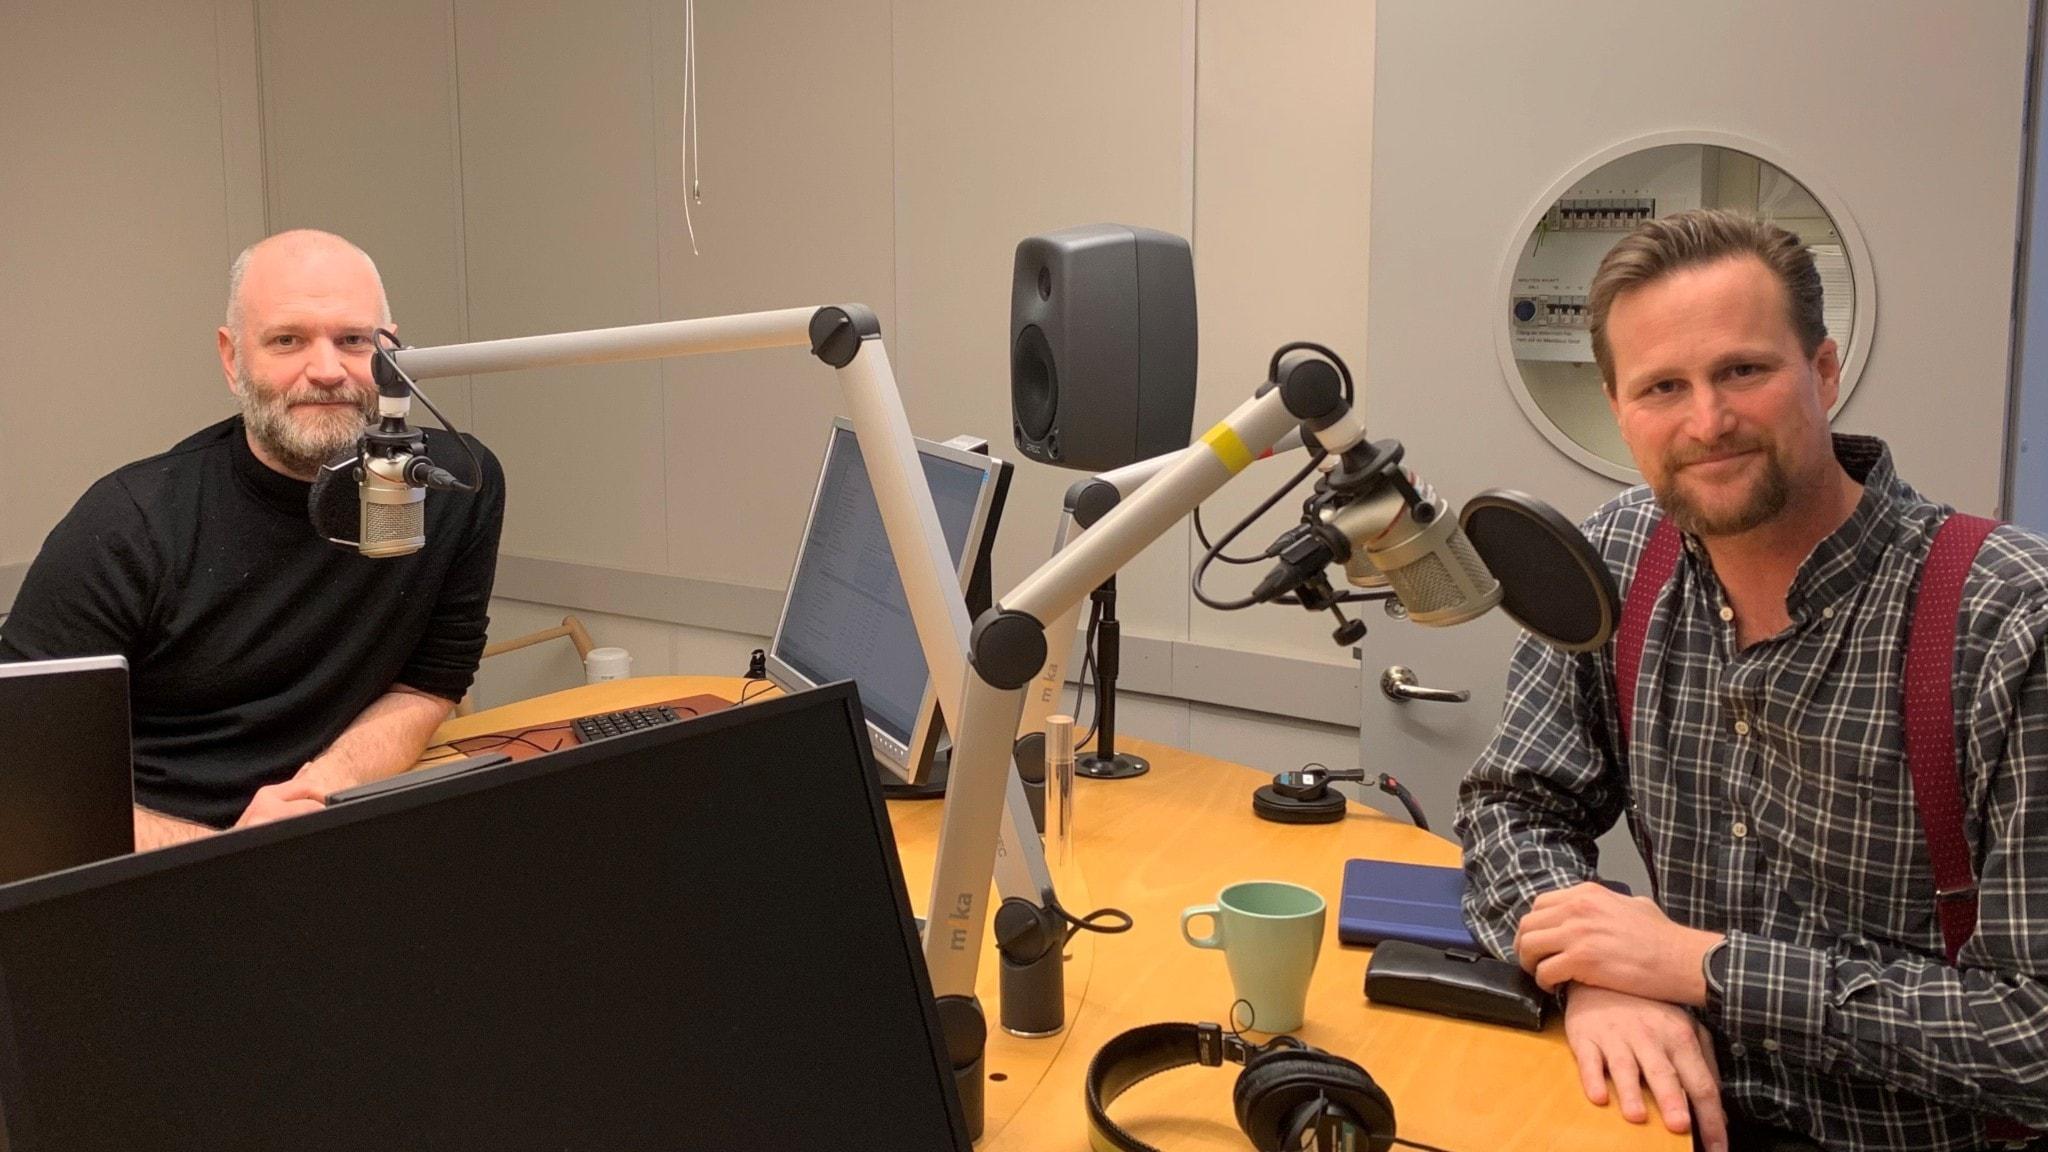 Danmarkkorrespondent David Rasmusson och Carl-Johan Sonesson (M), regionstyrelseordförande i Skåne.